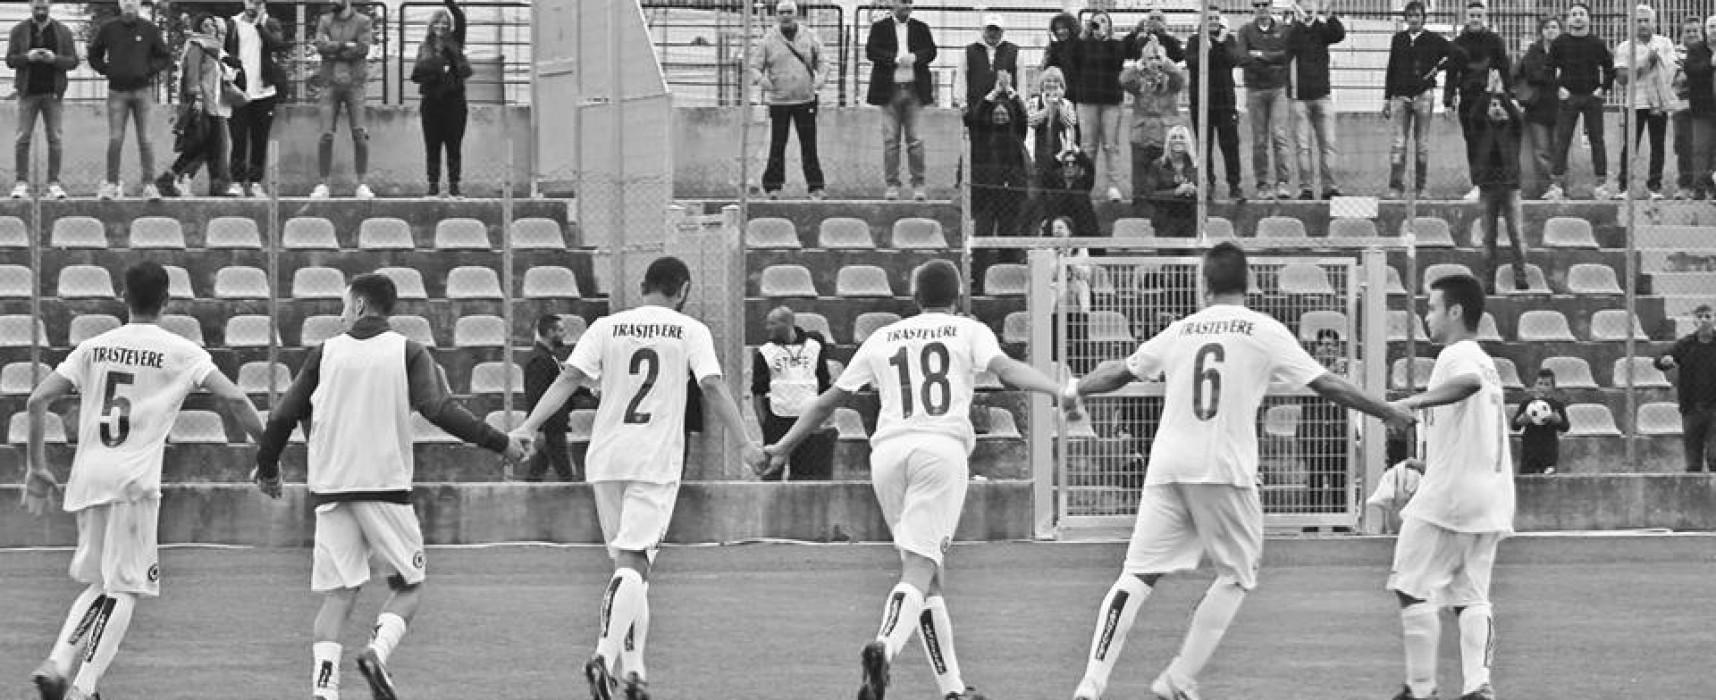 Il Trastevere torna a vincere in trasferta. Al Comunale di Ciampino decide un gol di Mastromattei